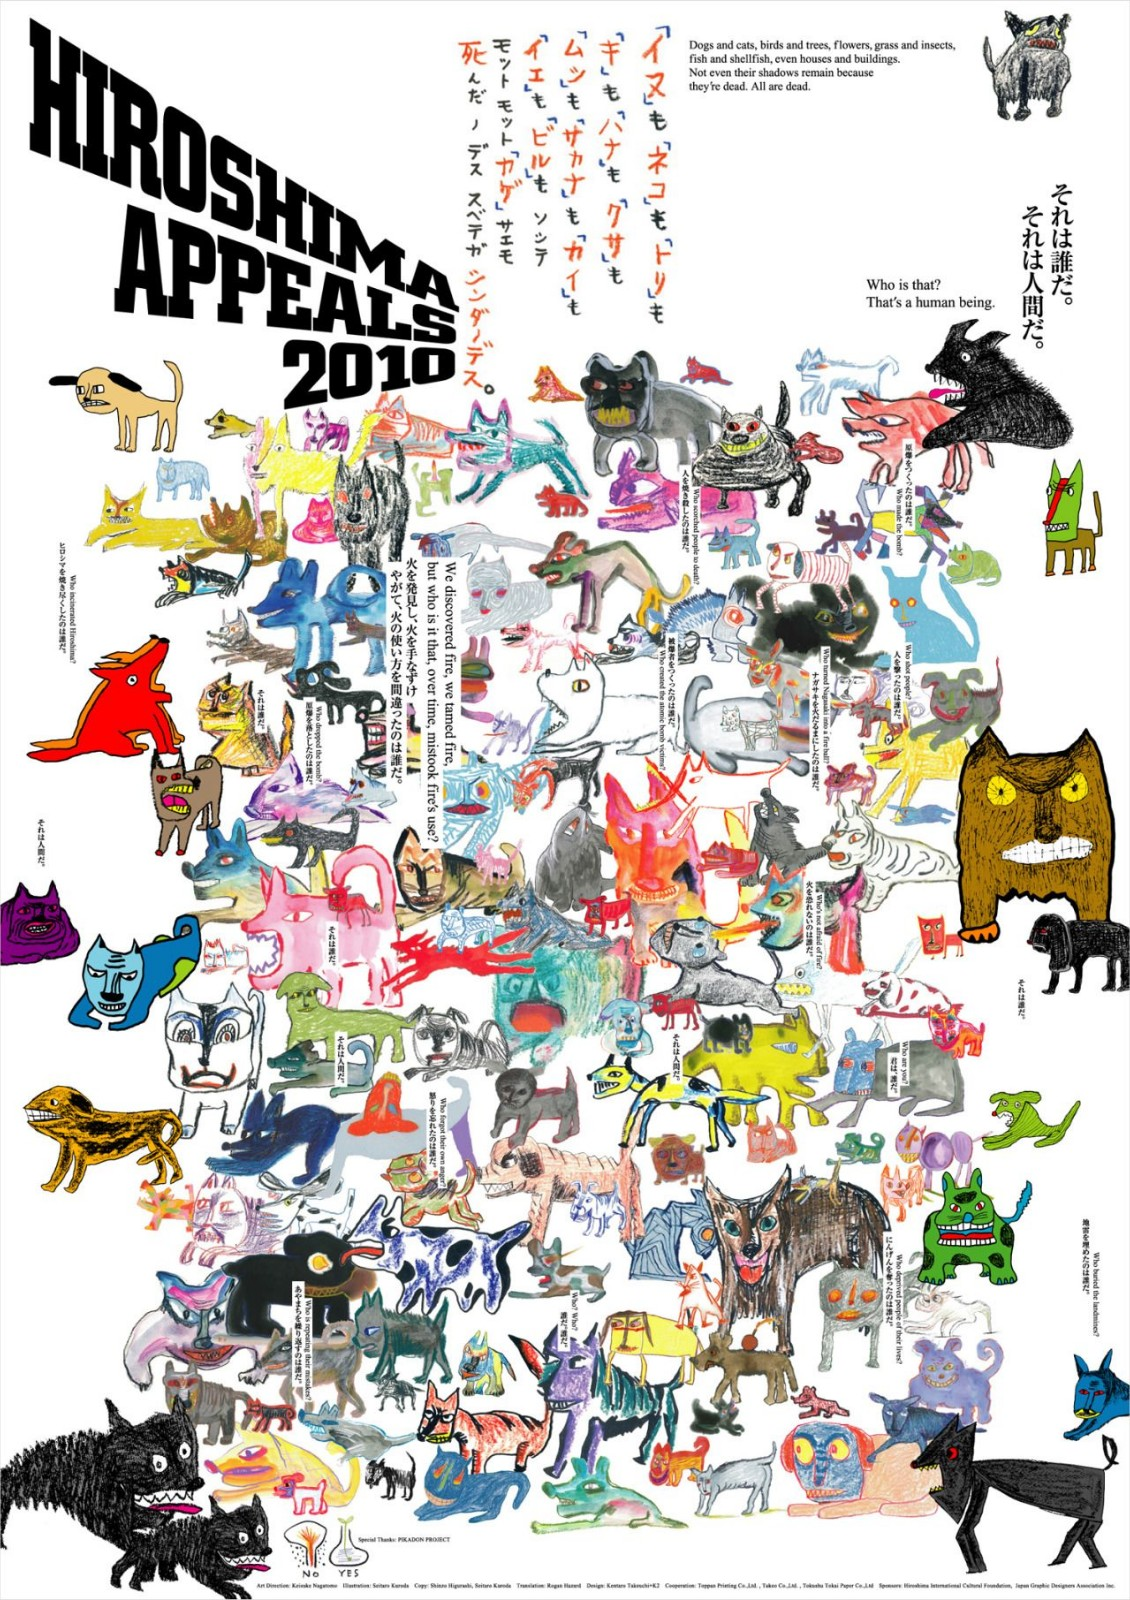 广岛呼吁(HIROSHIMA APPEALS)年度海报集合